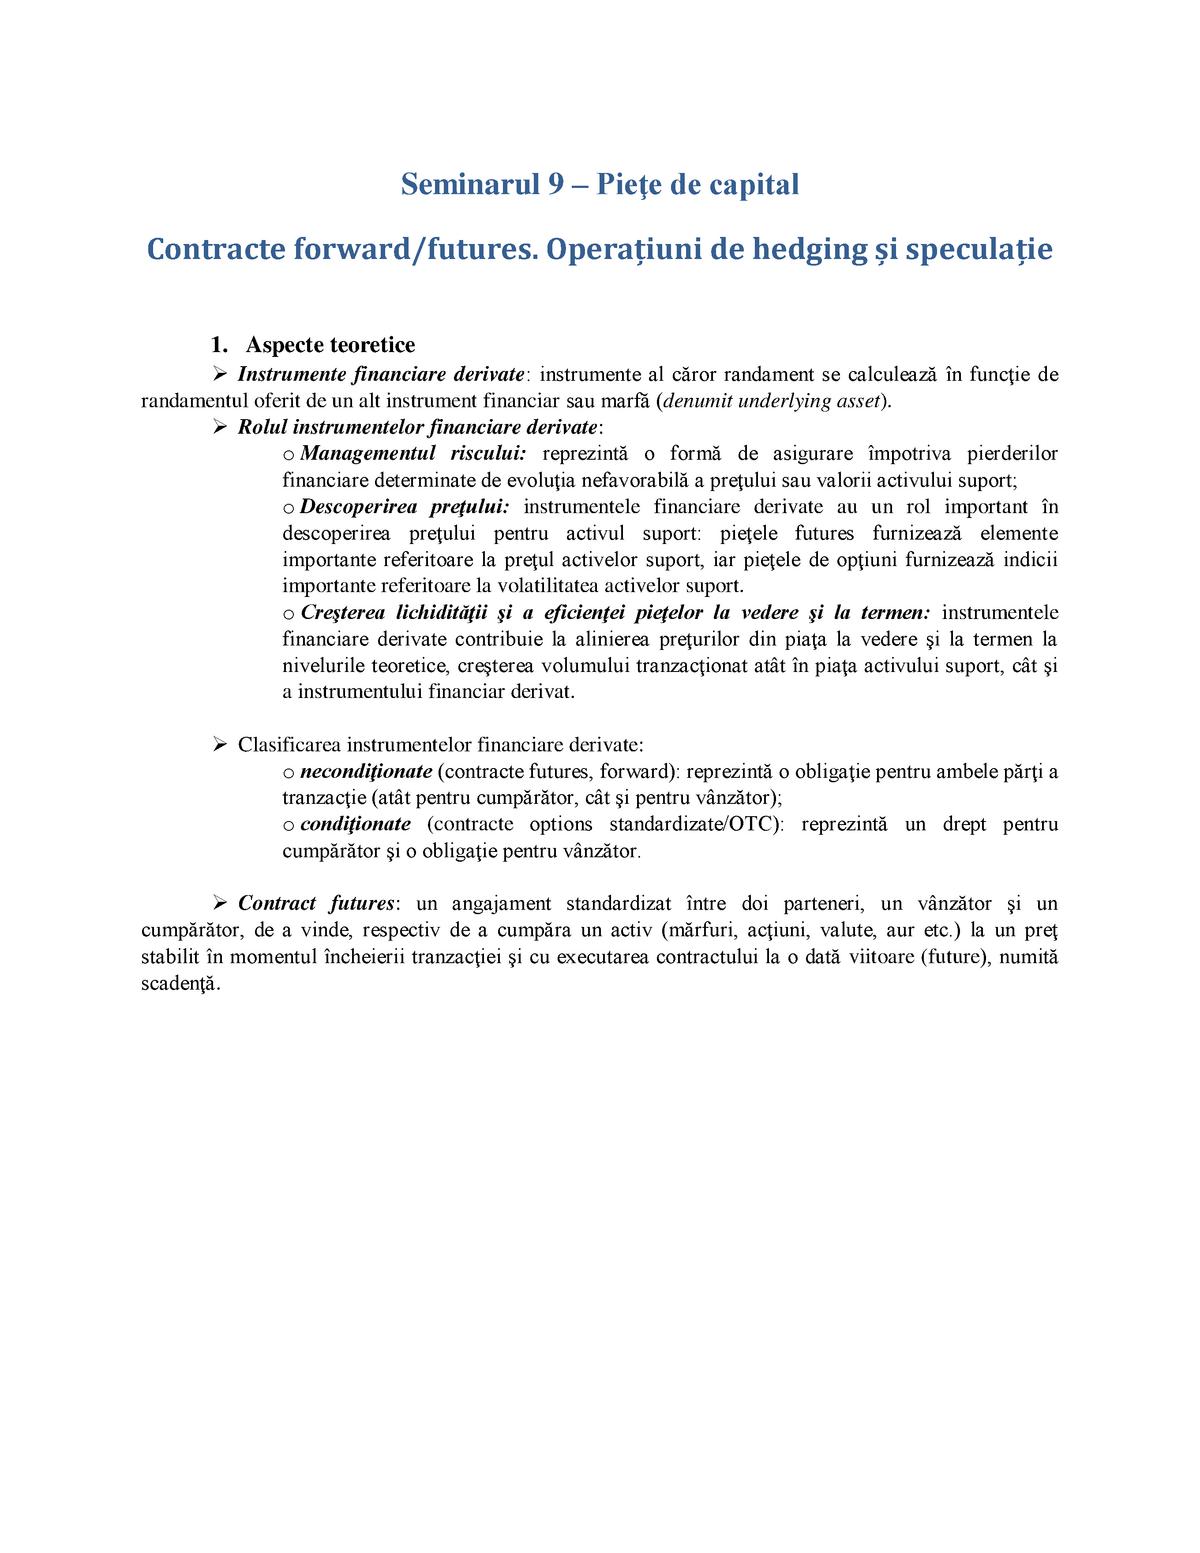 contracte de opțiuni